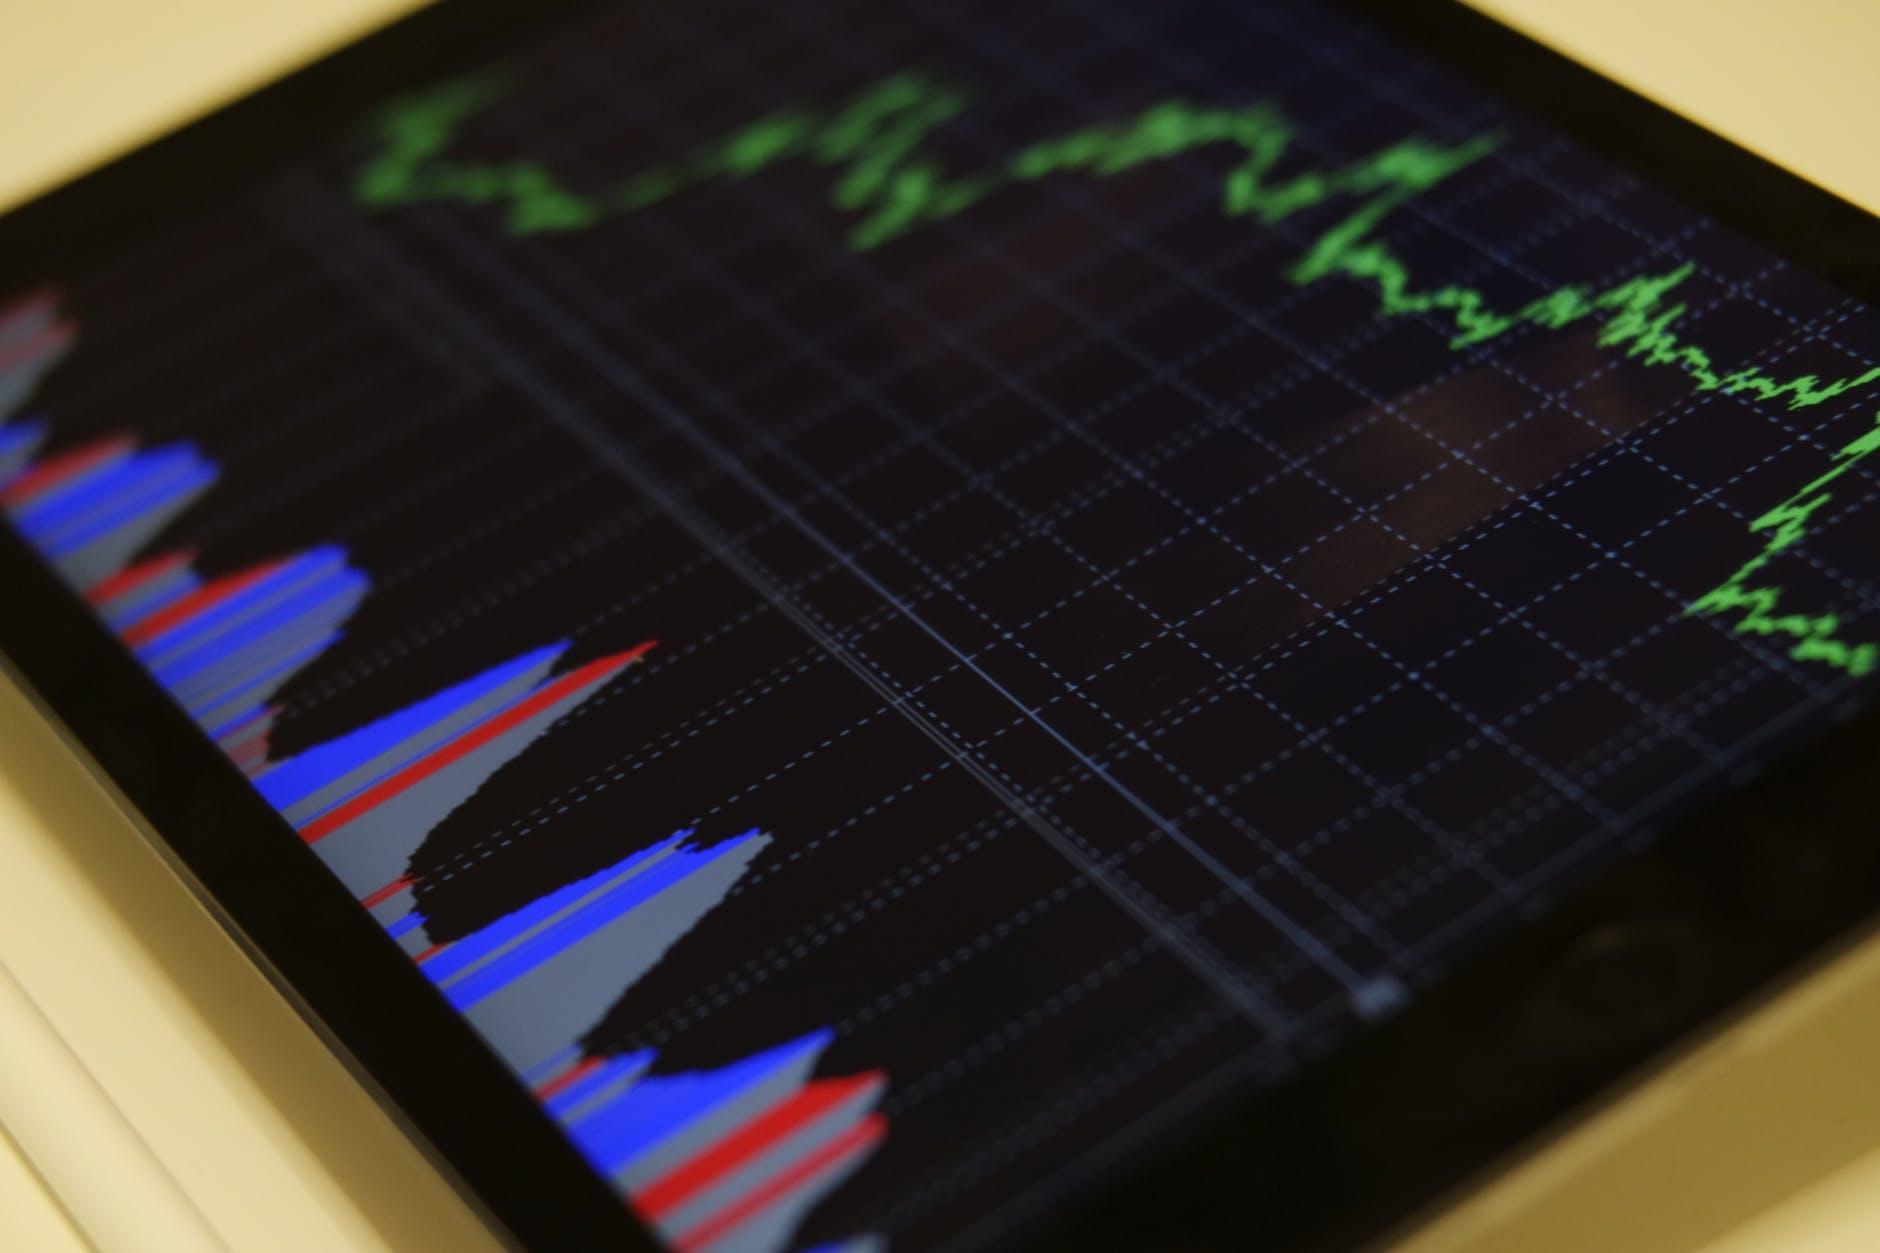 Jaki wpływ ma Fintech na rozwój usług finansowych